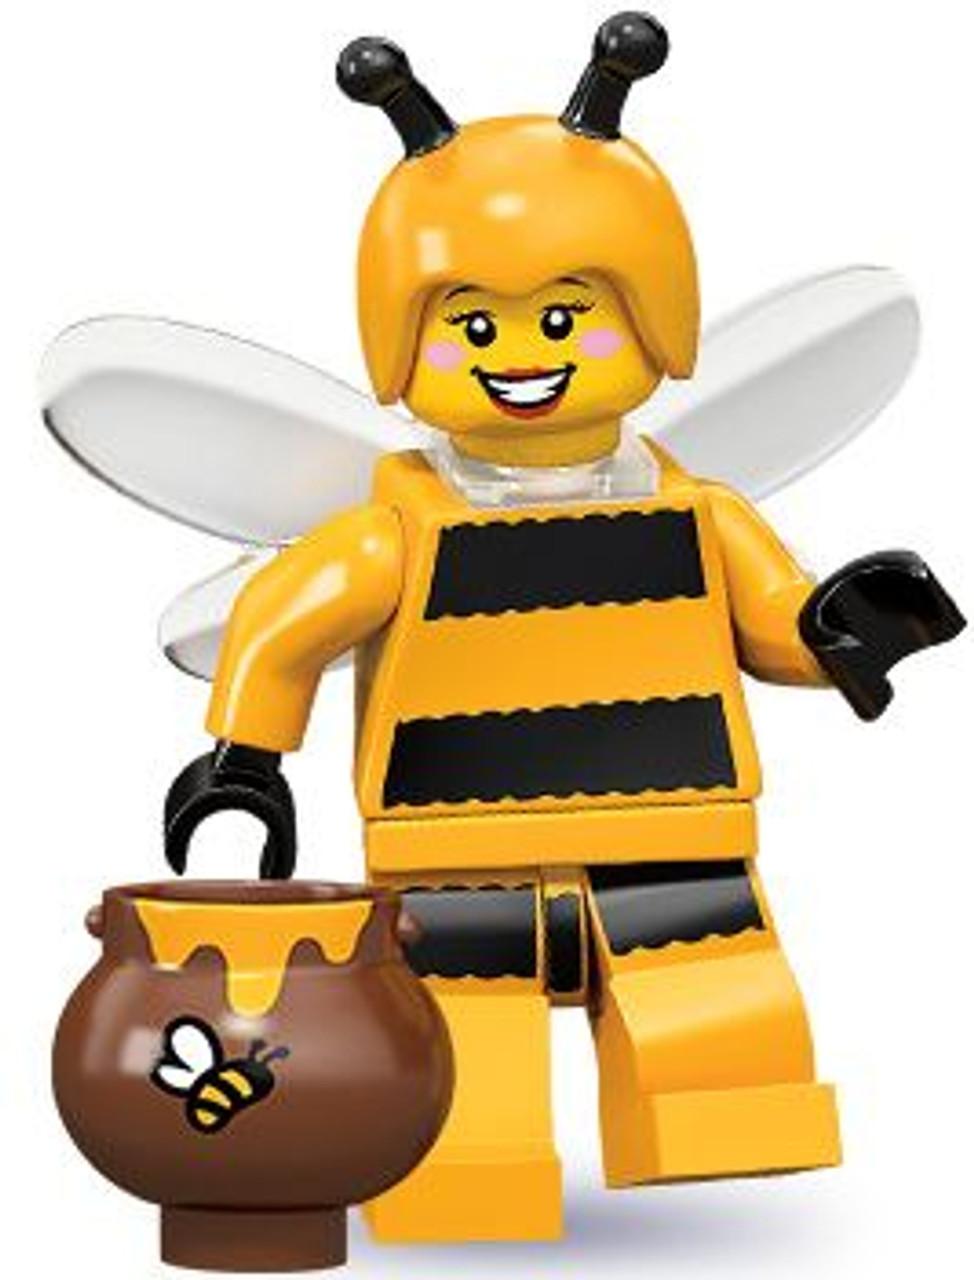 LEGO Minifigures Series 10 Bumblebee Girl Minifigure [Loose]